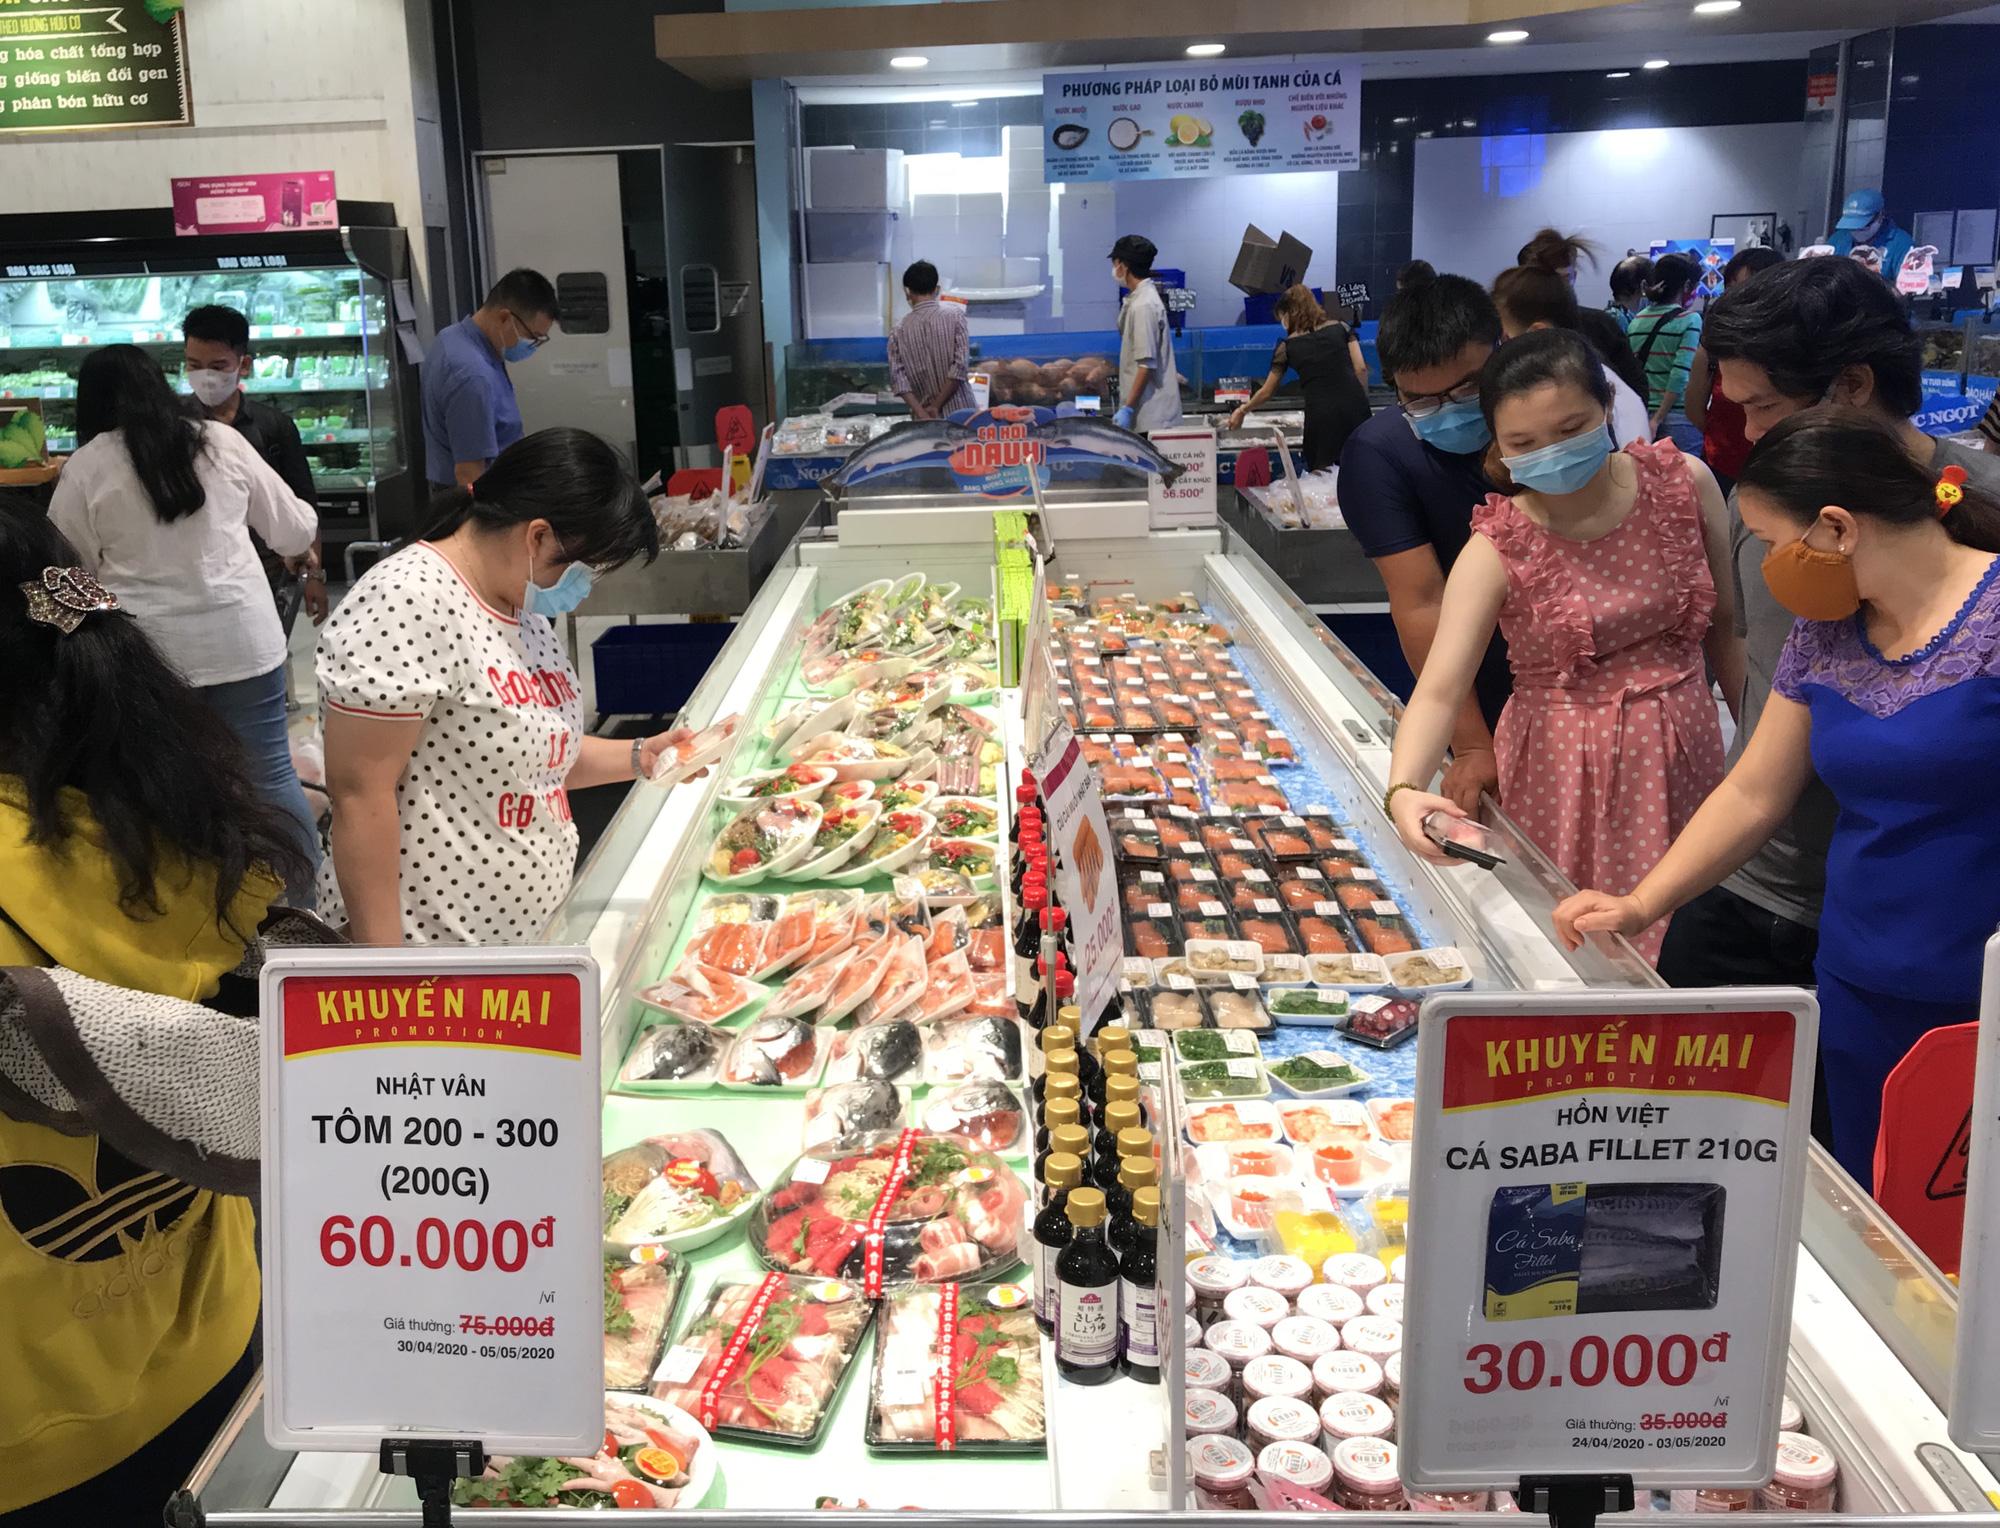 Covid-19 tại TP.HCM: Thực phẩm, hàng hóa dồi dào, người dân phải đeo khẩu trang khi đi chợ, siêu thị - Ảnh 1.